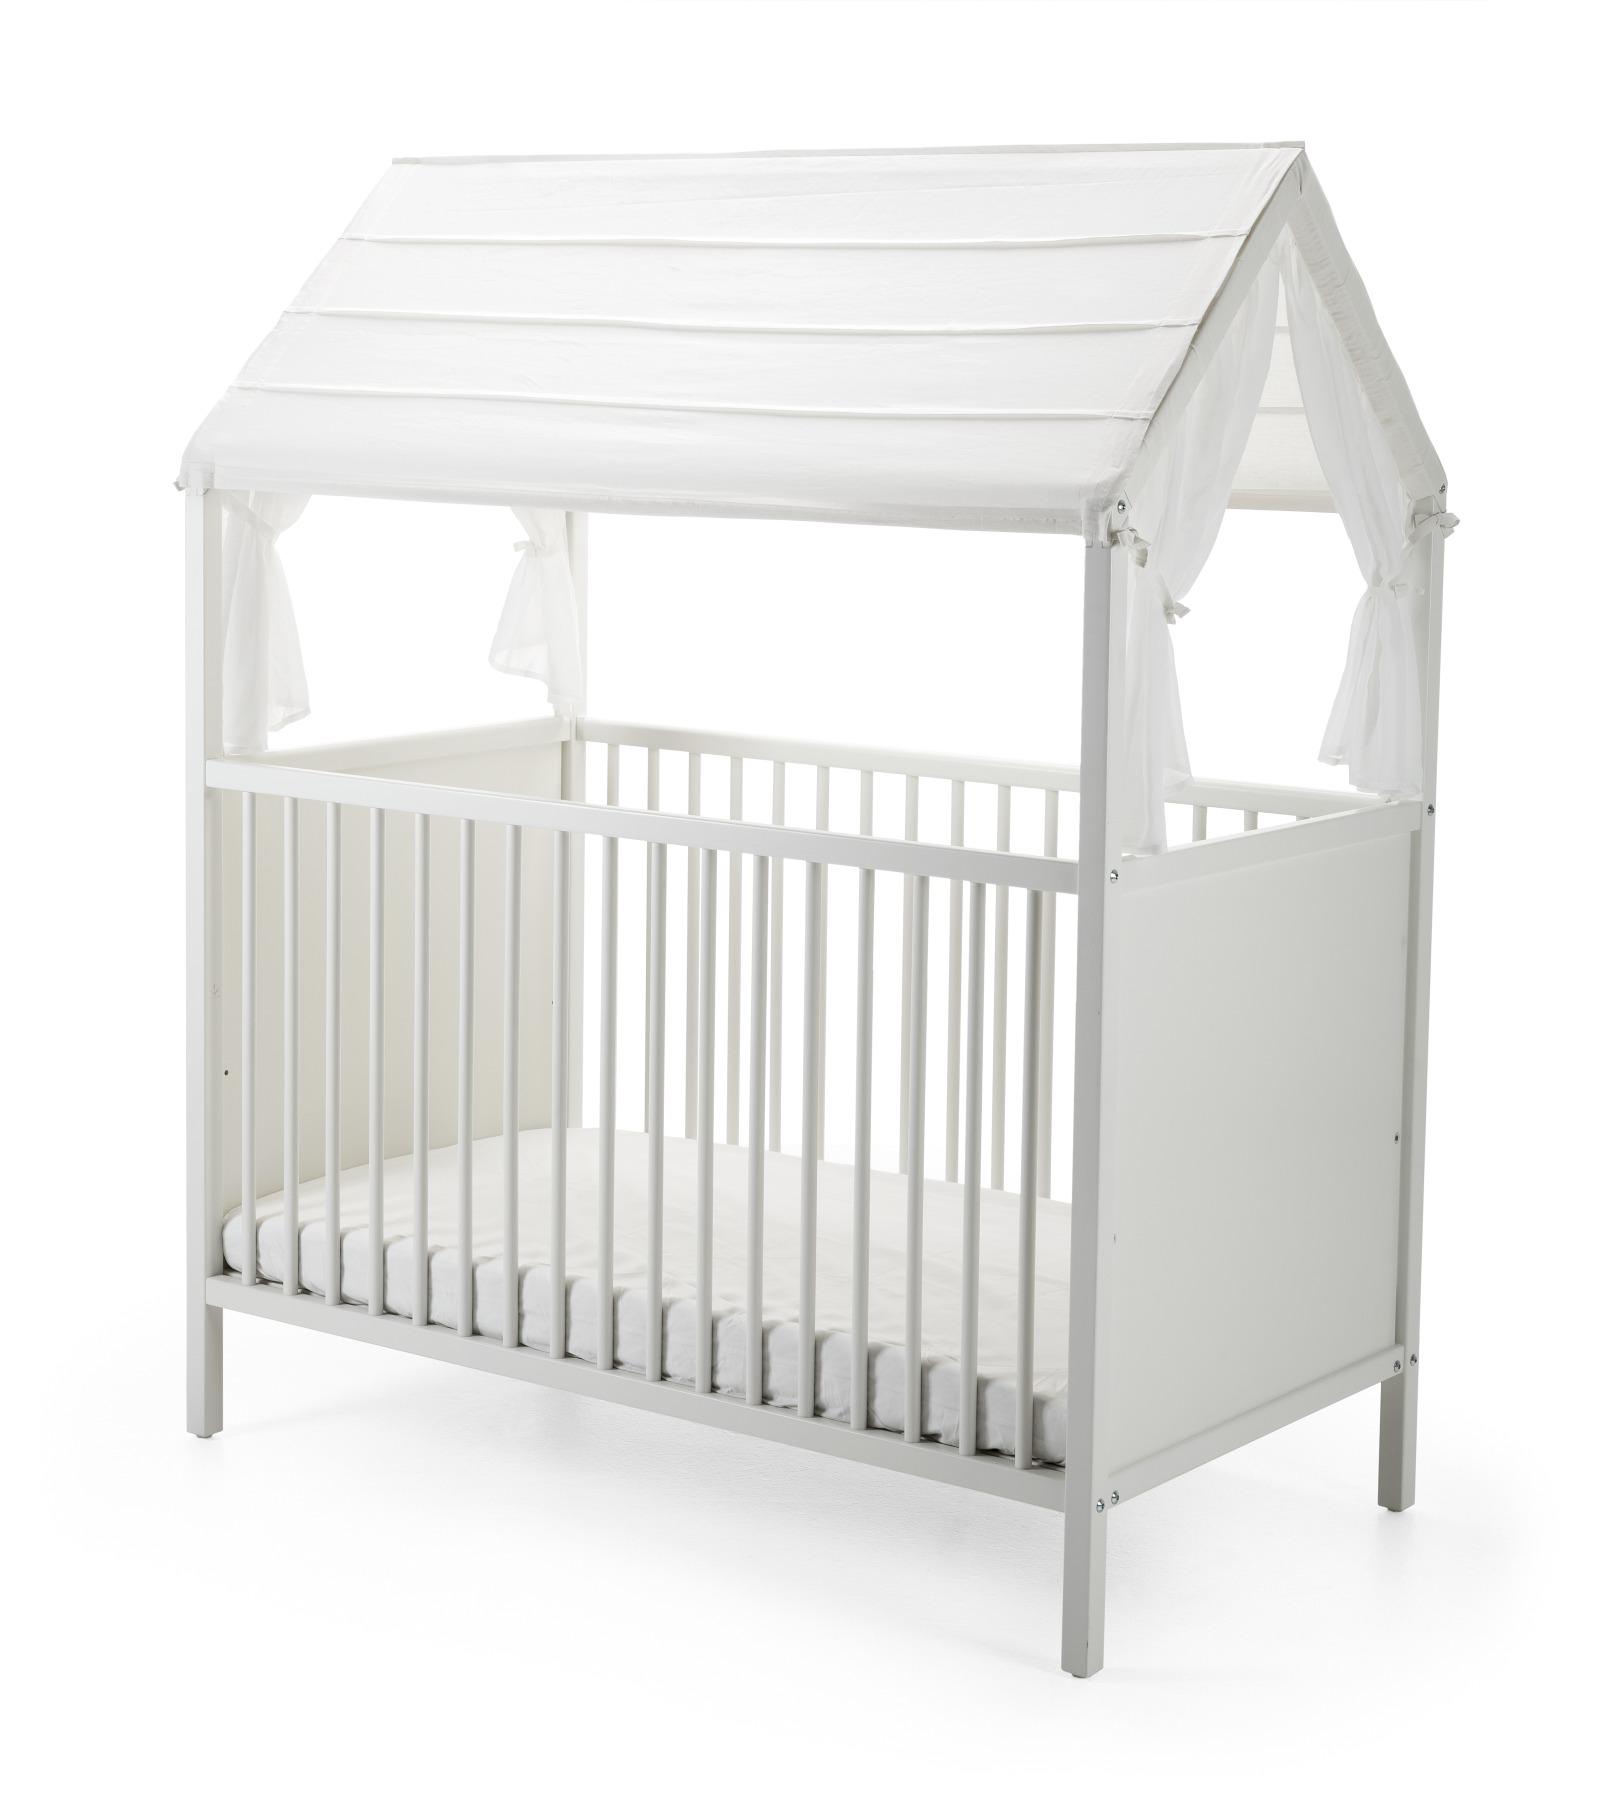 stokke home crib roof white. Black Bedroom Furniture Sets. Home Design Ideas